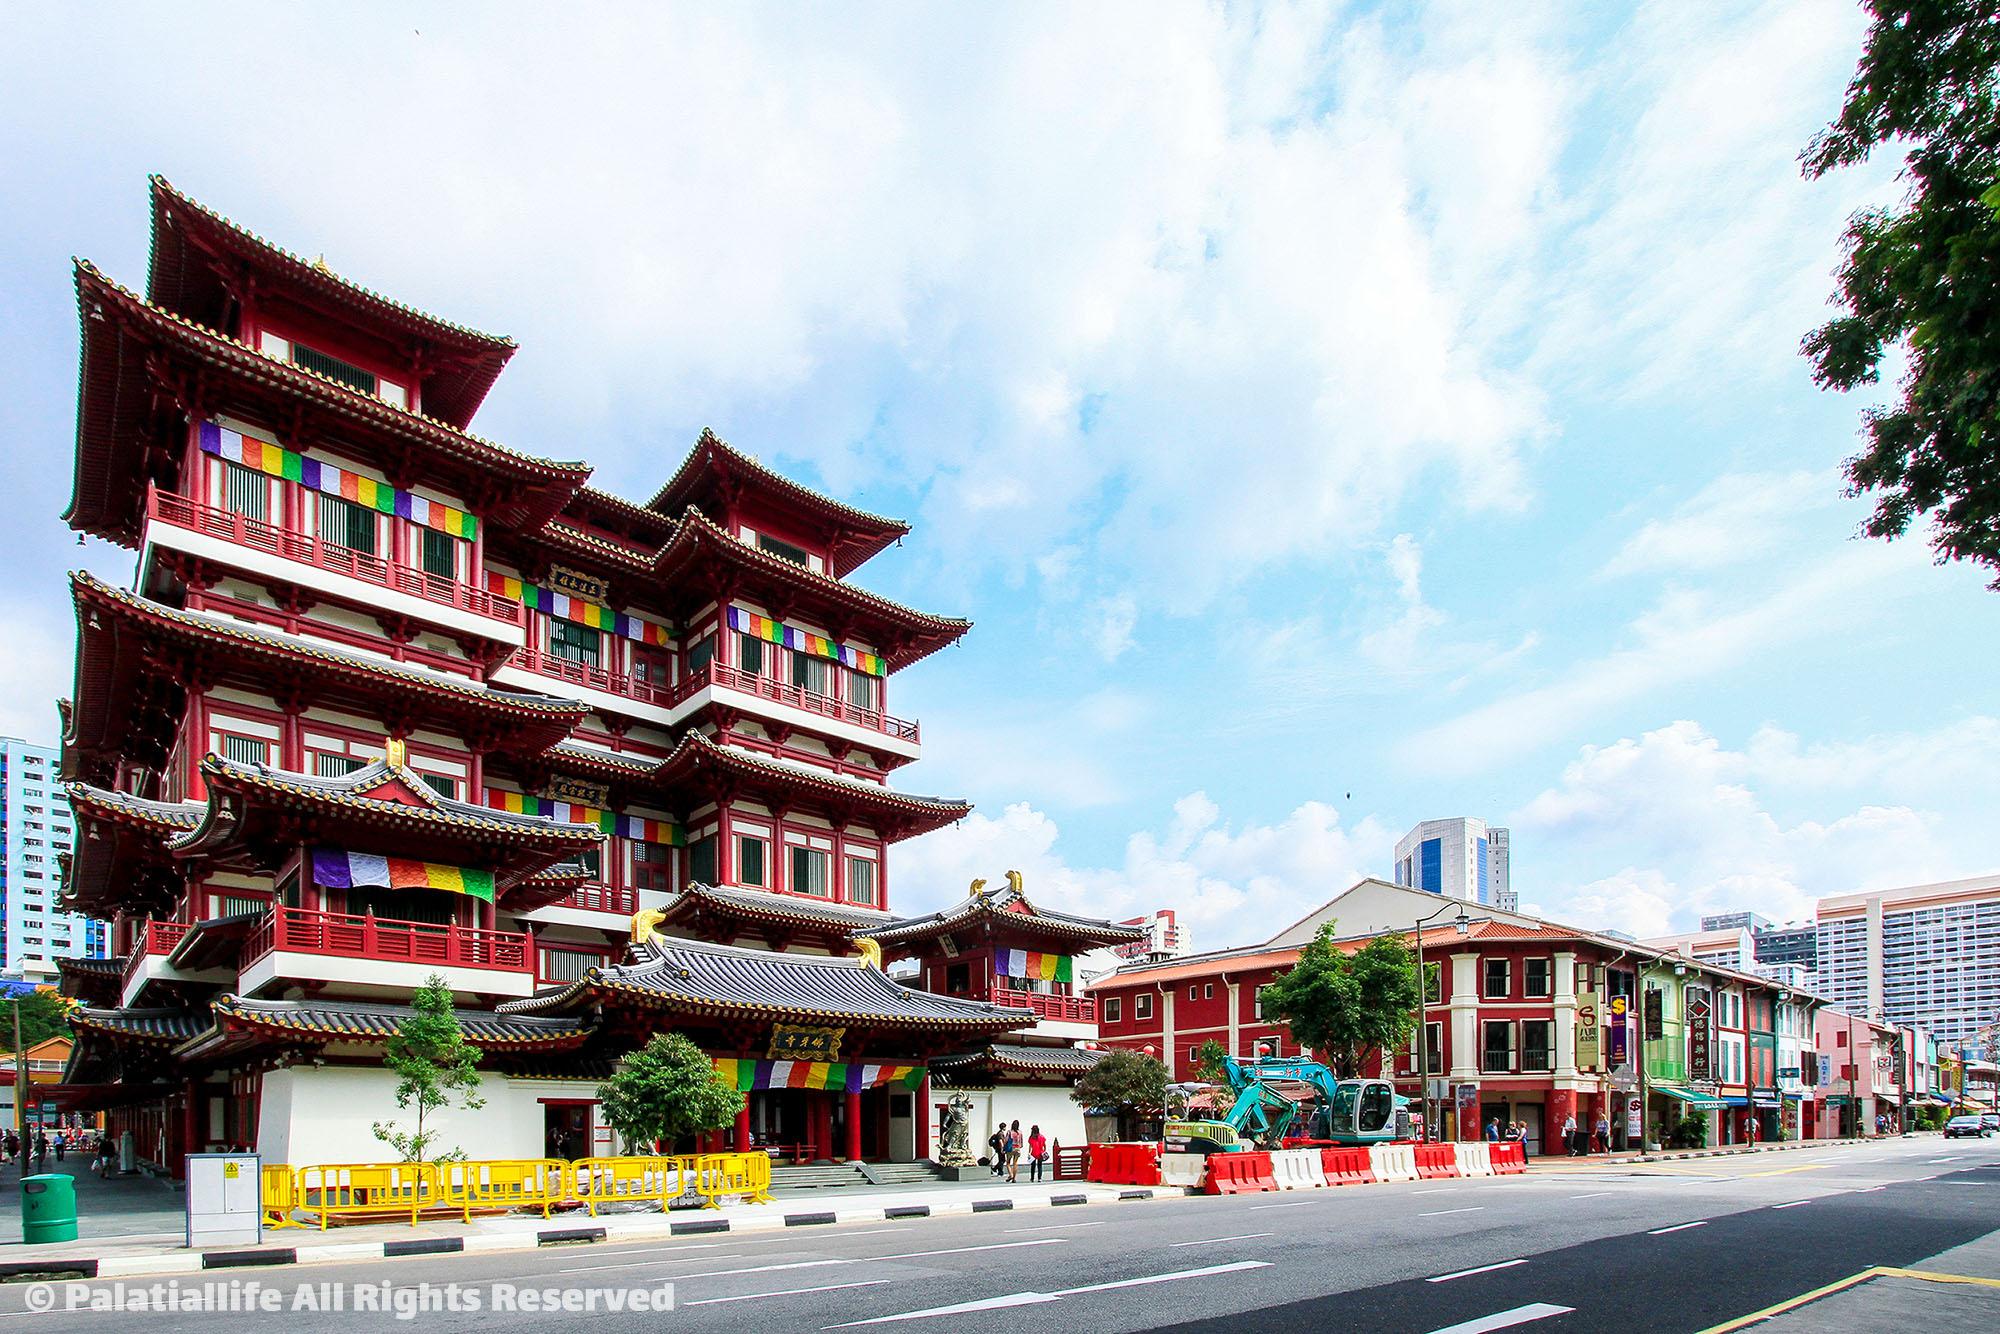 ดพระธาตุเขี้ยวแก้ว (Buddha Tooth Relic Temple)  สิงคโปร์ เที่ยวเตร็ดเตร่ไปตาม 5 ย่านยอดฮิตที่ไม่ควรพลาด IMG 9498